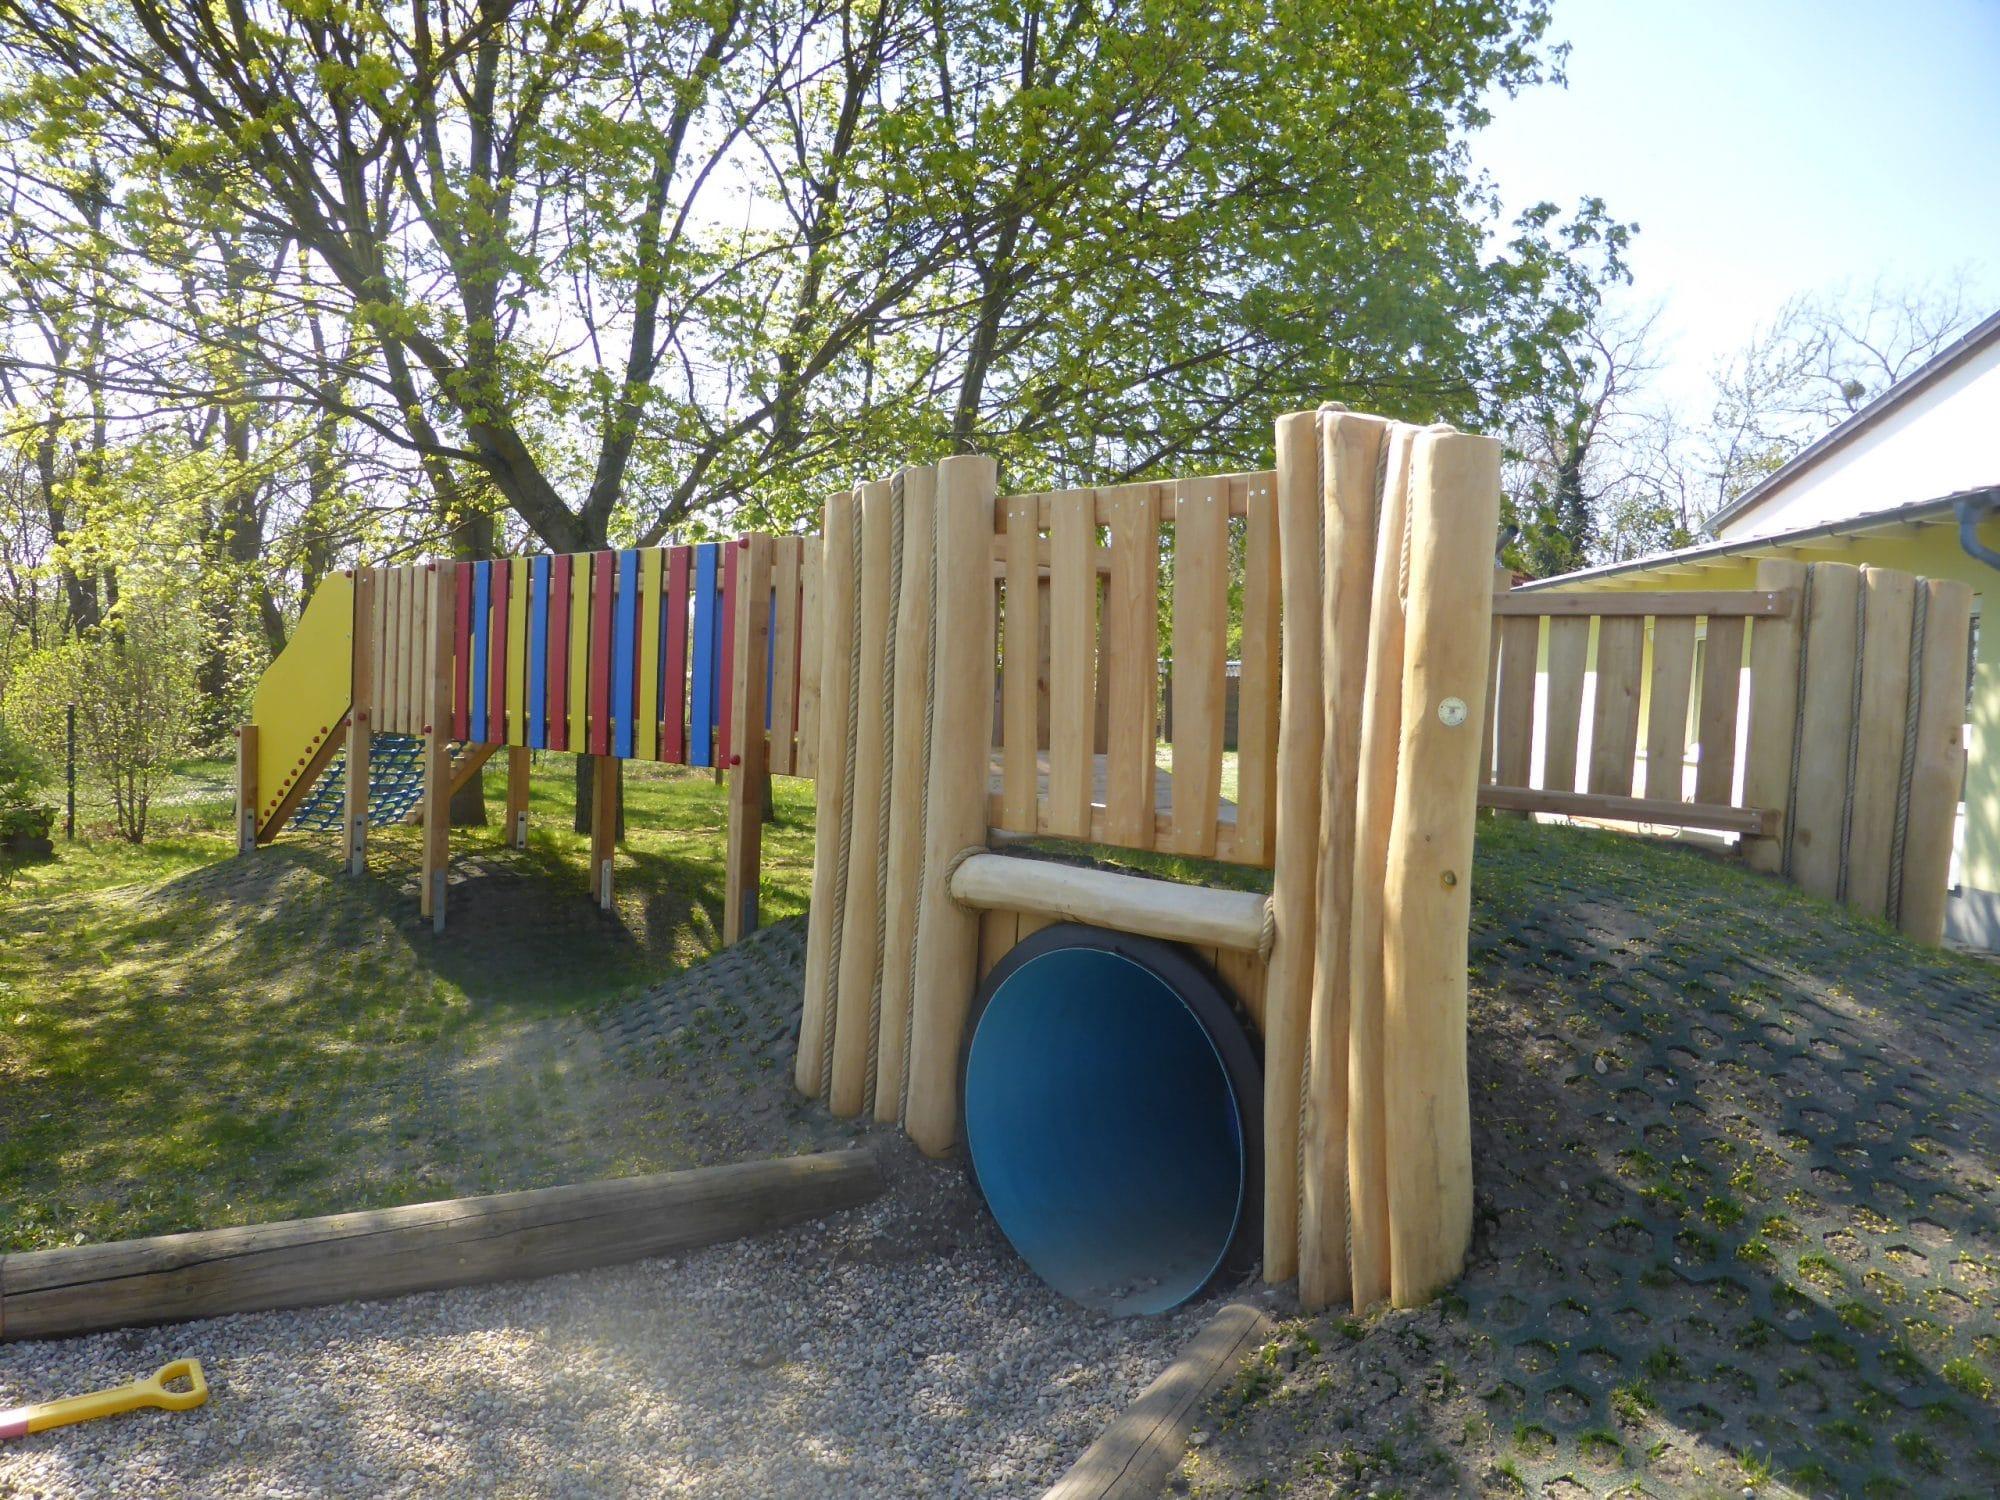 Tunnelverkleidung aus Holz am Spielplatz